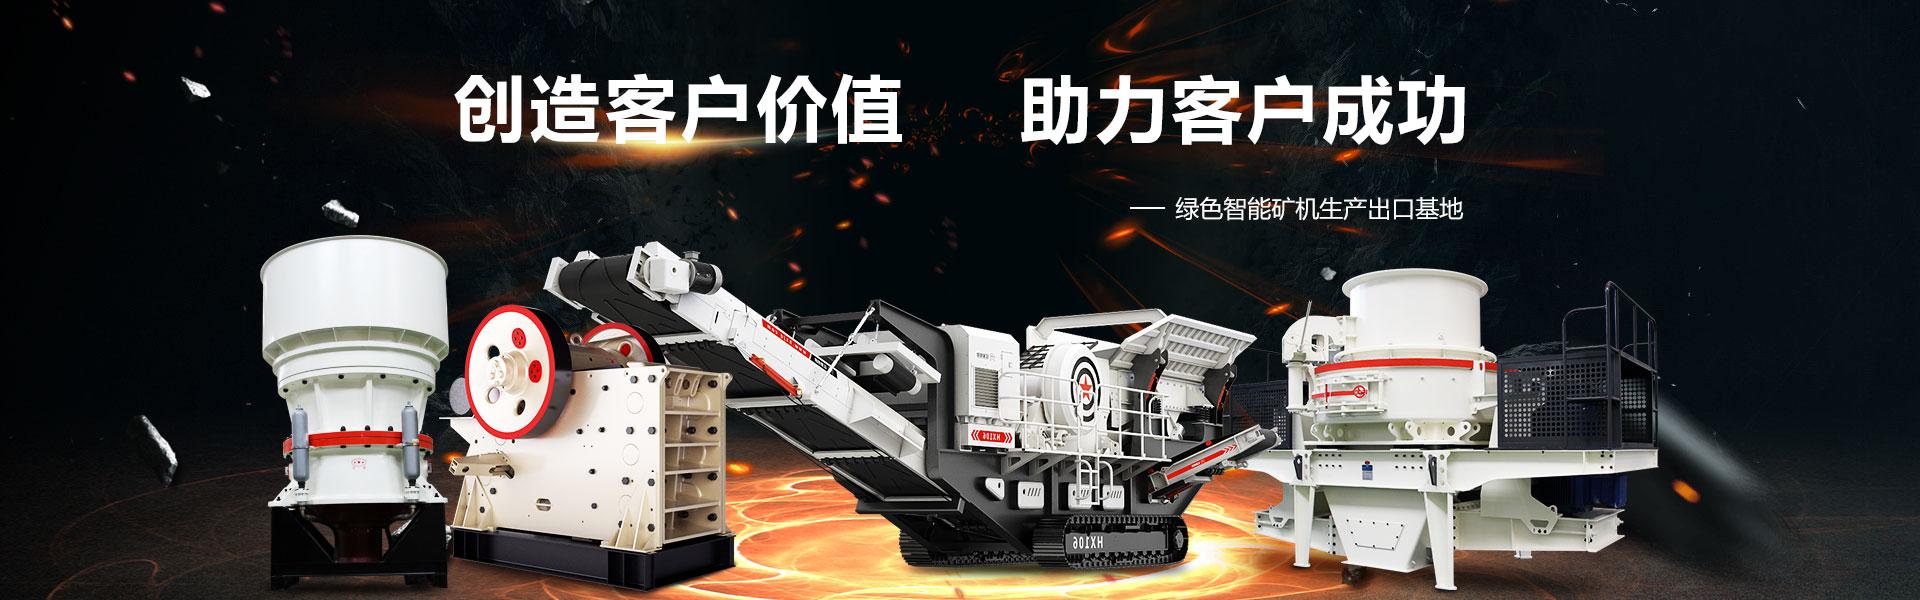 红星矿山机械生产出口基地